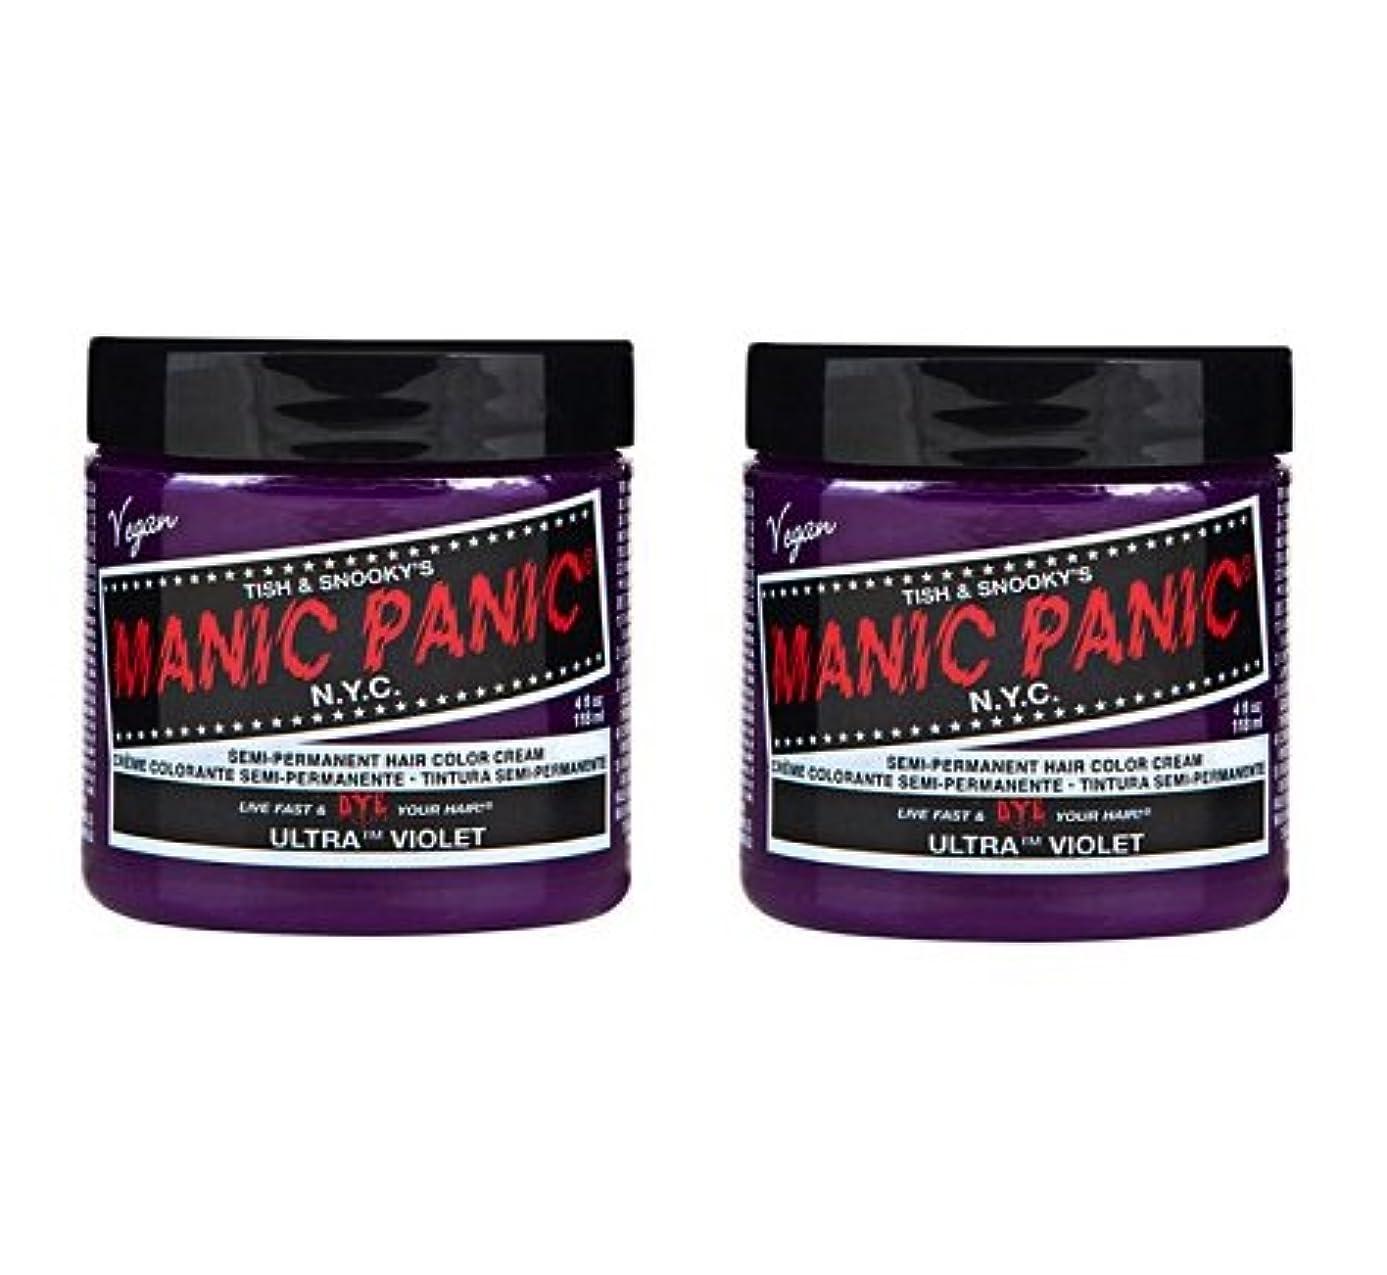 未亡人スキムアクチュエータ【2個セット】MANIC PANIC マニックパニック Ultra Violet ウルトラヴァイオレット 118ml